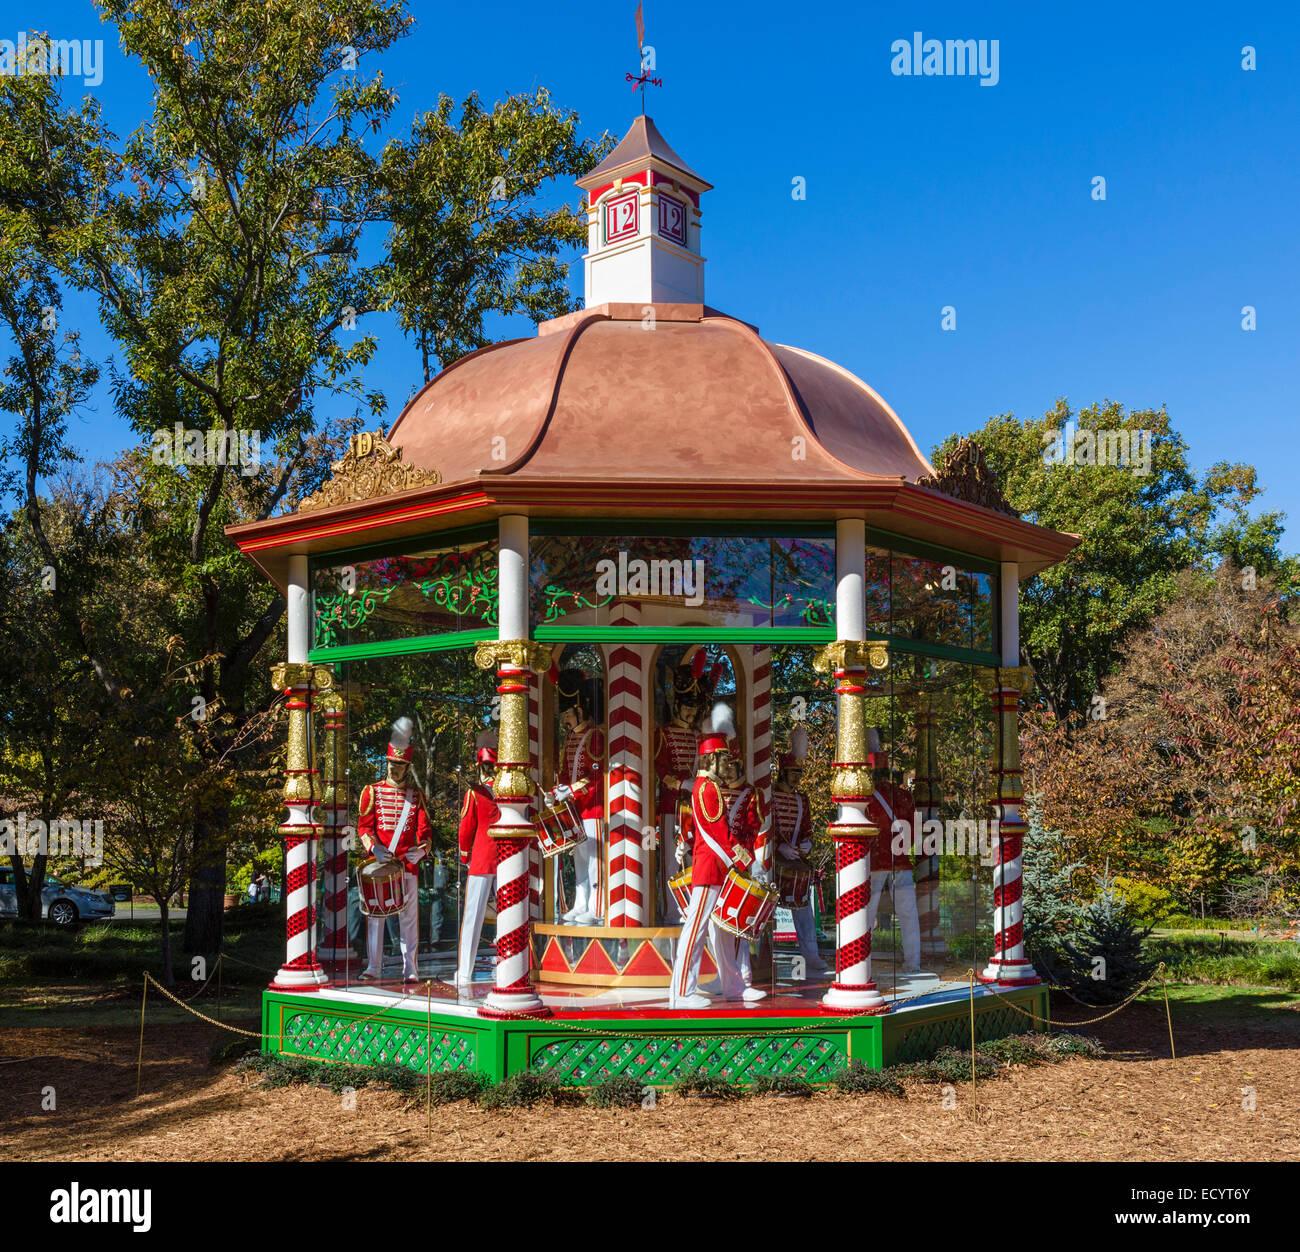 Douze batteurs de tambour d'un belvédère, d'une partie de l'exposition de 12 jours de Noël, Photo Stock